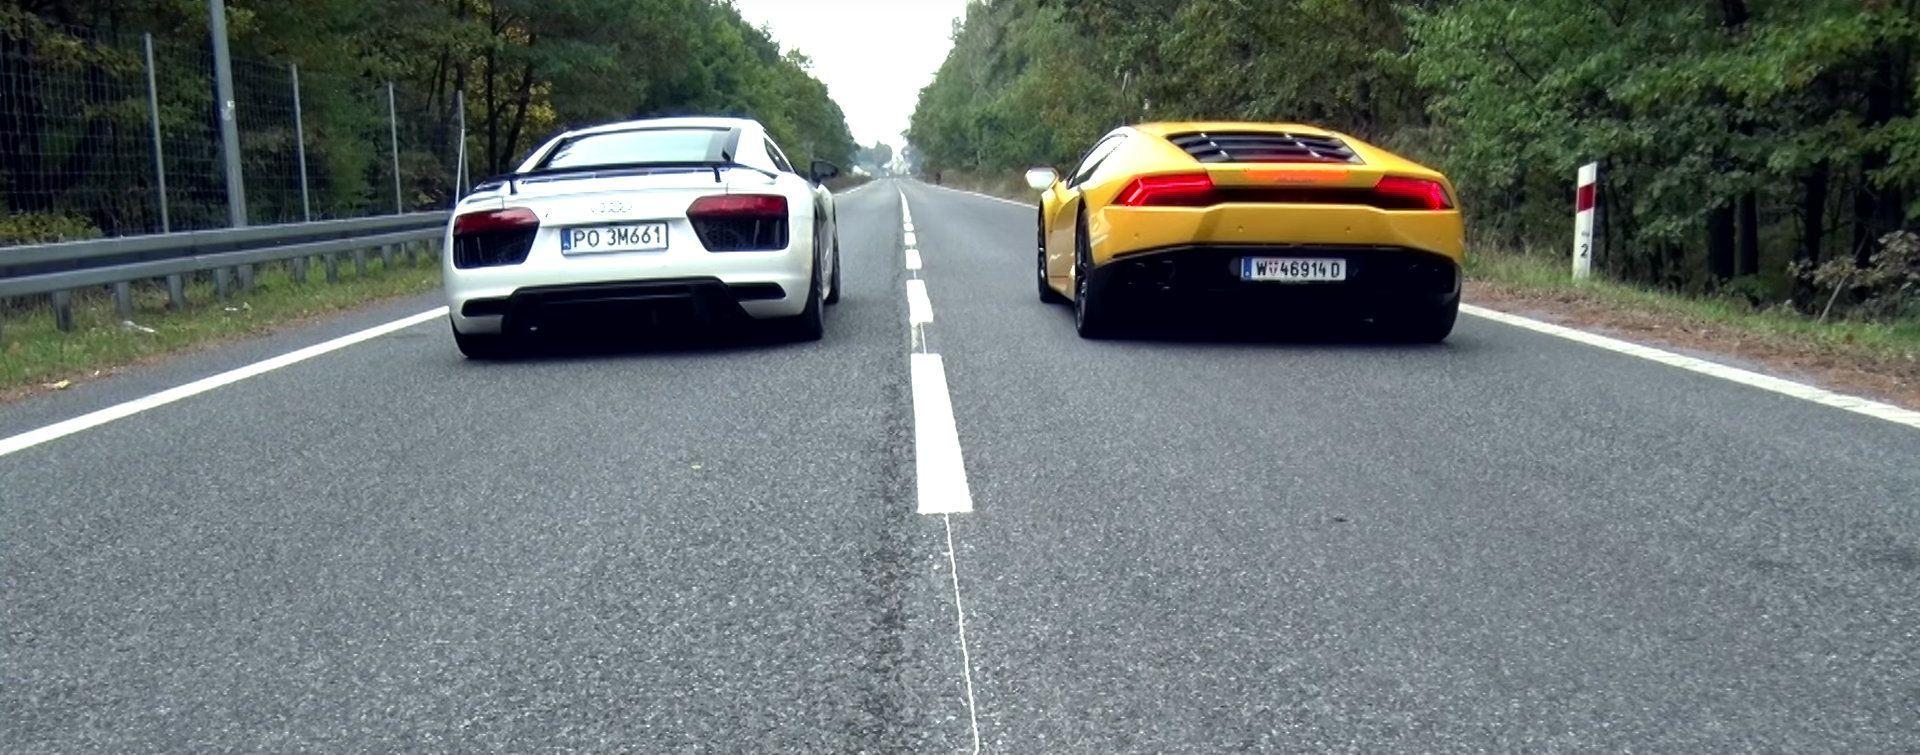 Audi R8 V10 vs Lamborghini Huracan: la sfida da 0 a 100 Km/h